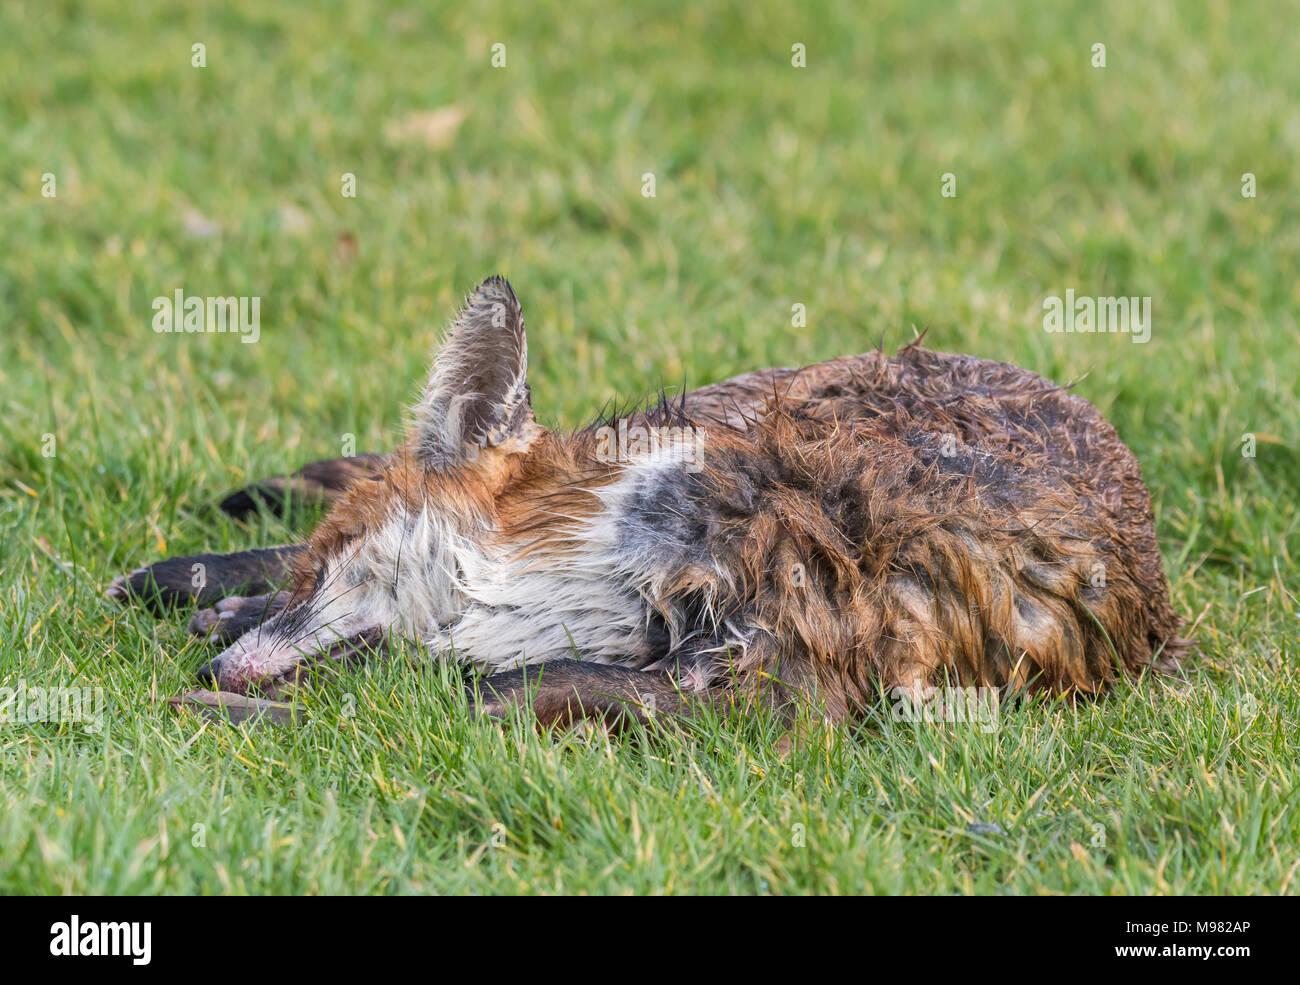 Vor kurzem fox Festlegung tot auf Gras von einem Straßenrand in Großbritannien getötet. Stockbild